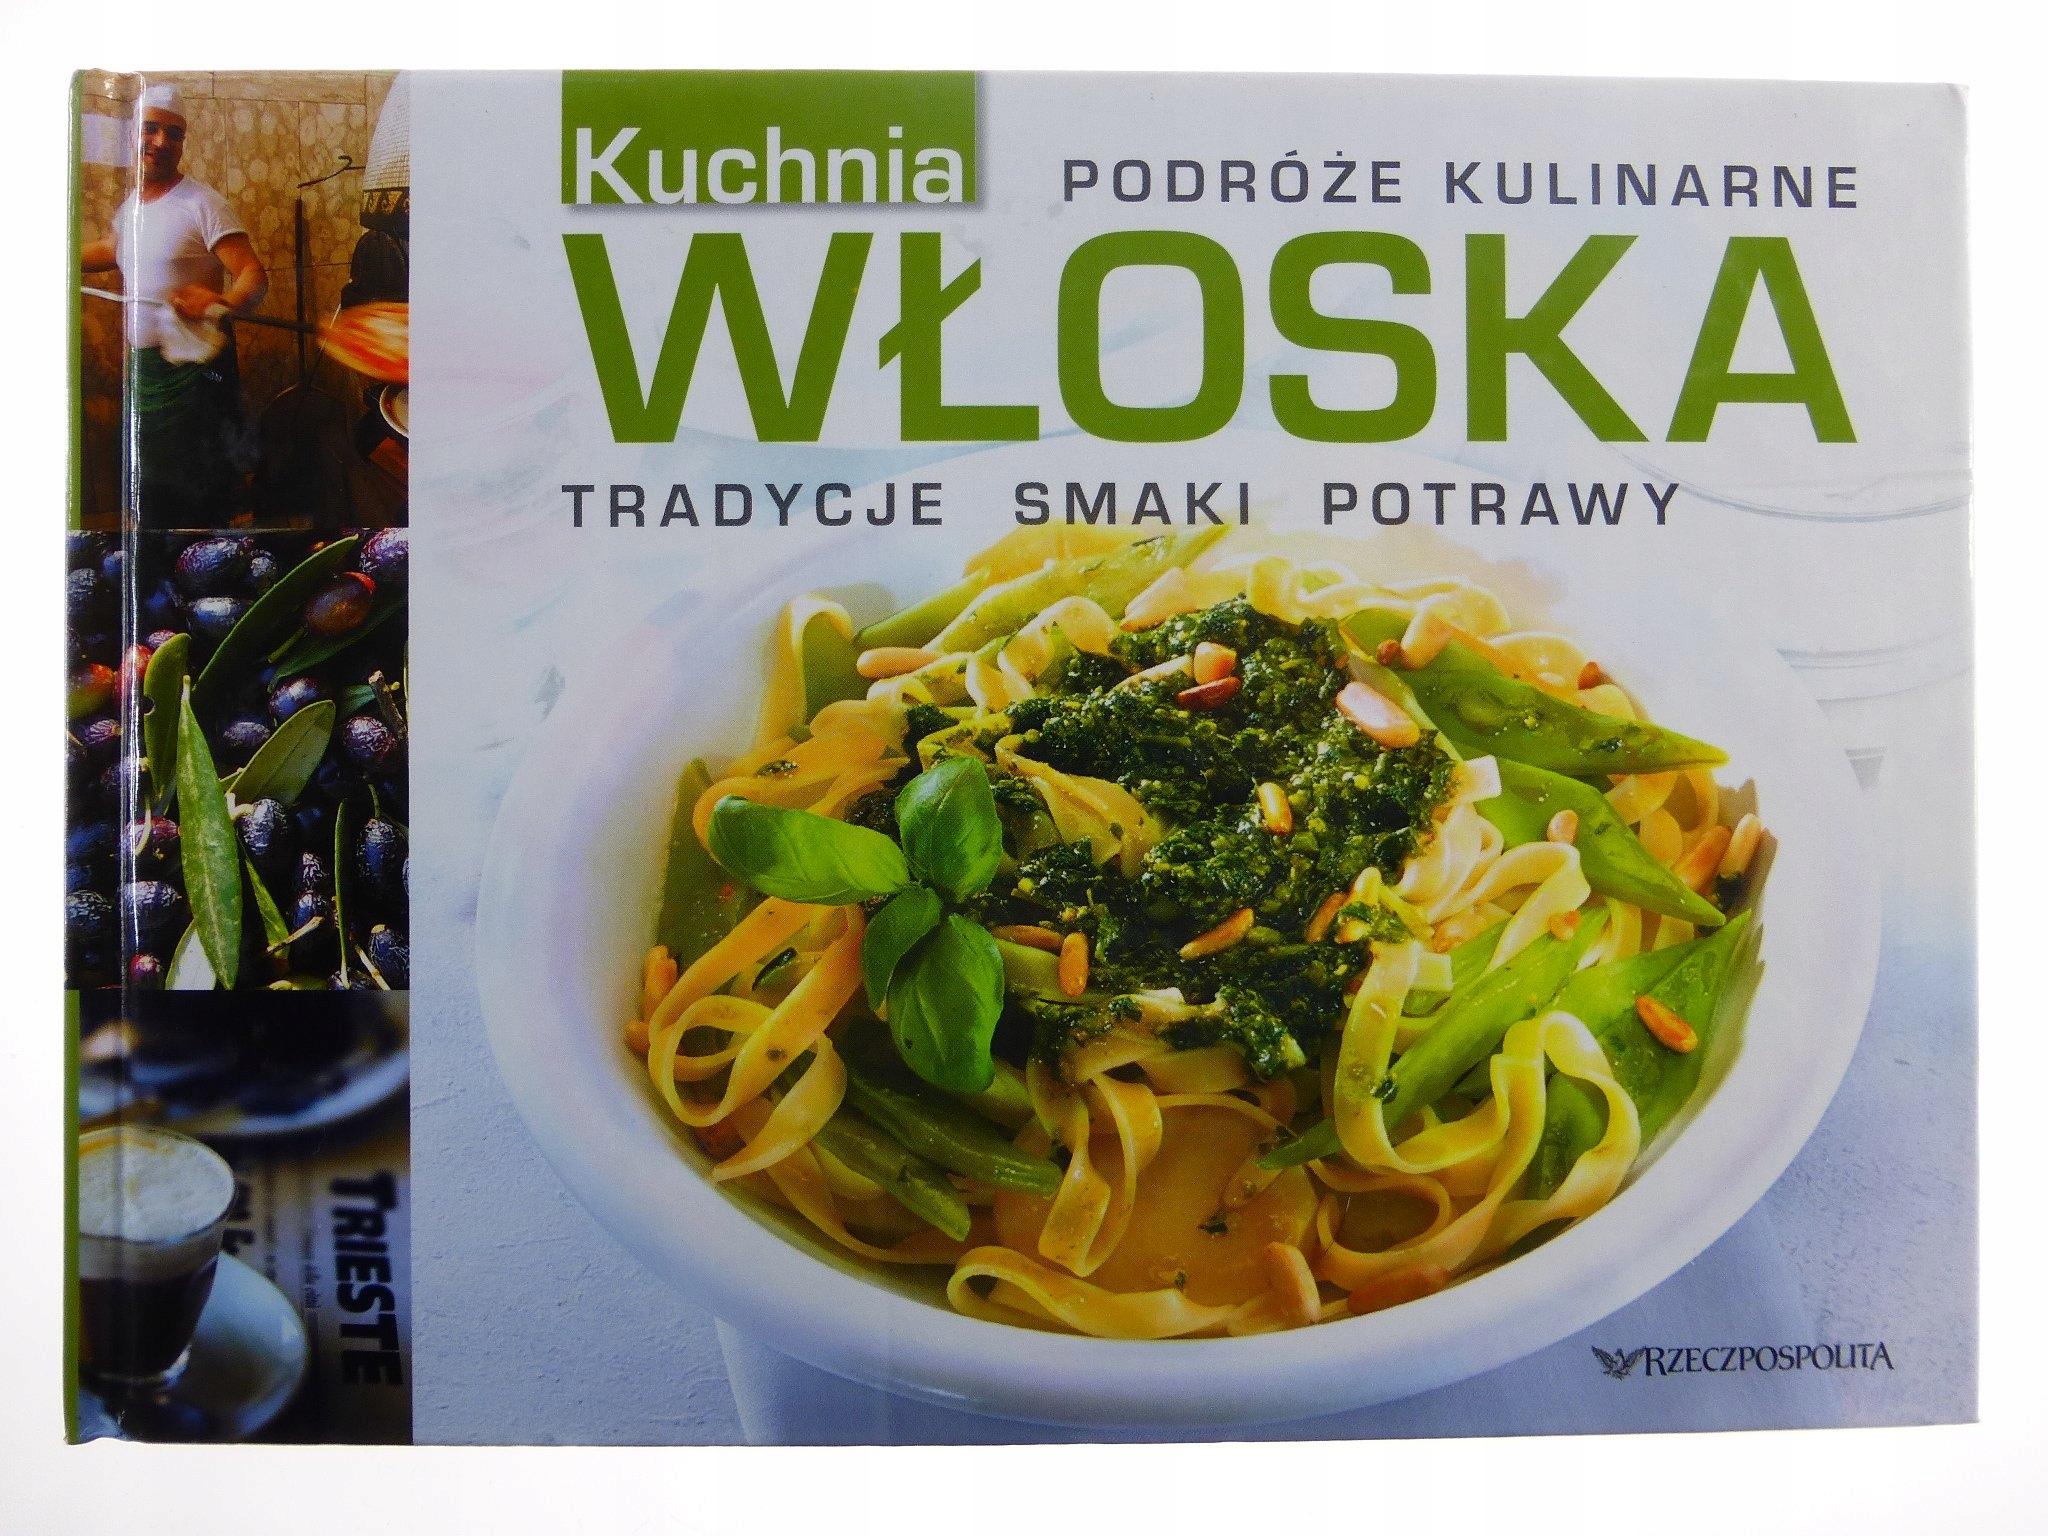 Kuchnia Włoska Tradycyjne Smaki Potrawy A2087 7445915535